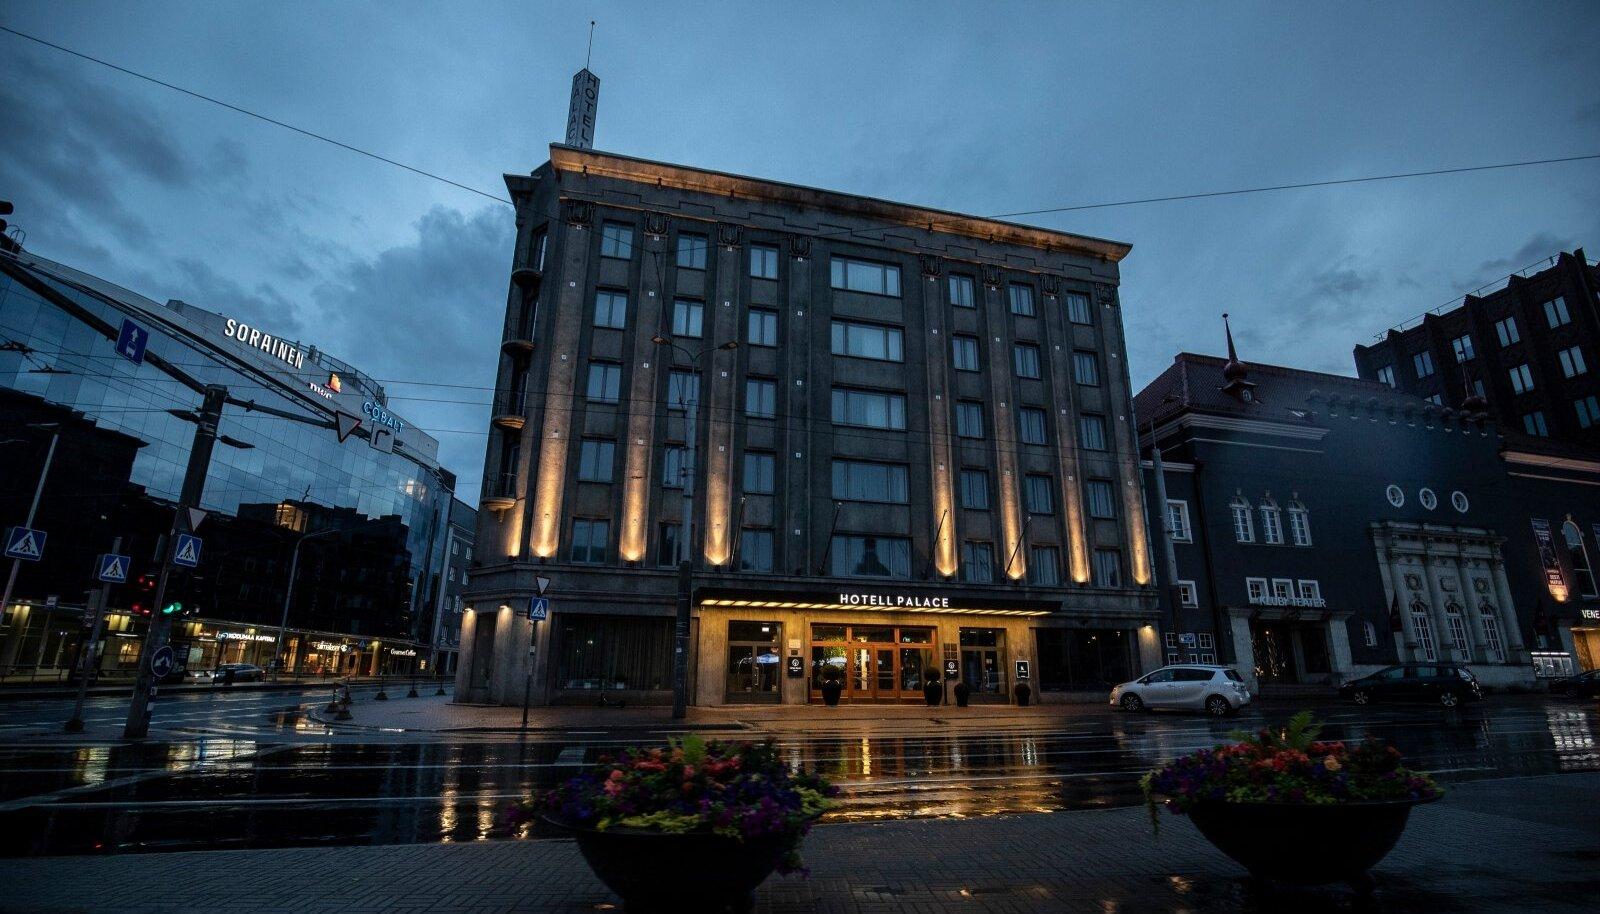 Arakase sõnul on nende hotellil Palace nüüd hakanud lõpuks hästi minema